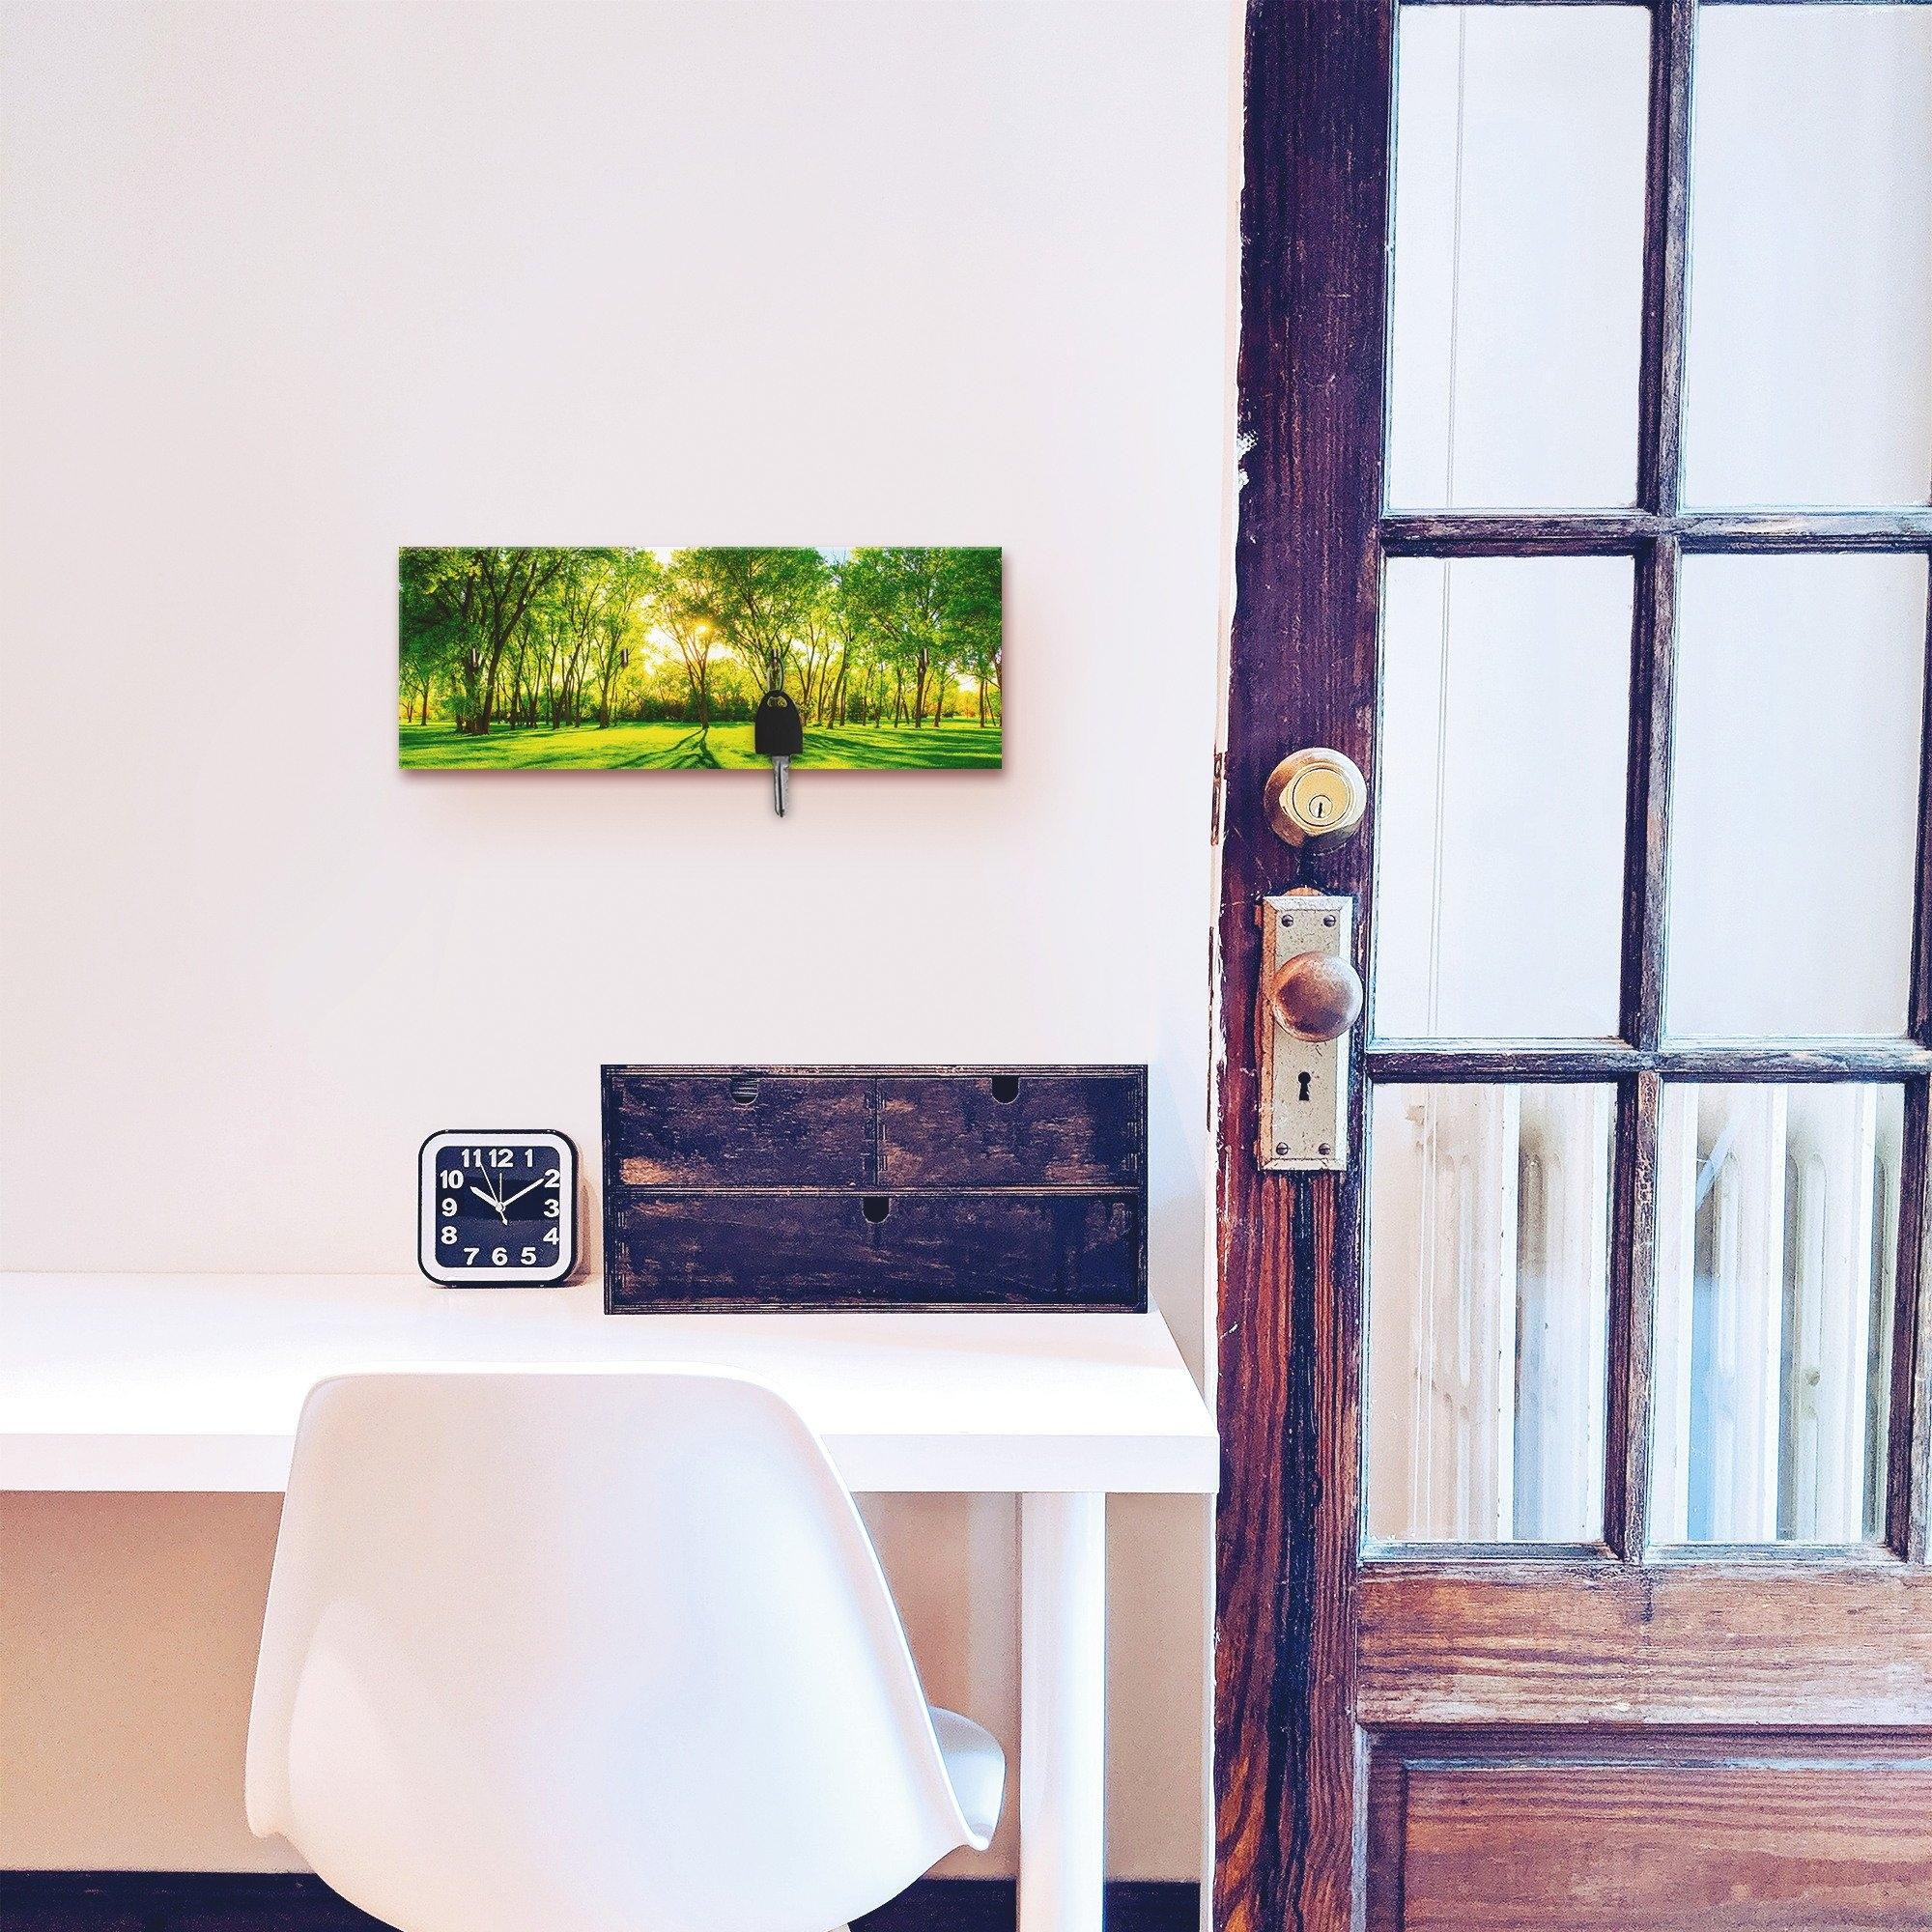 Artland Sleutelbord Lentewarmte II van hout met 4 sleutelhaakjes – sleutelbord, sleutelborden, sleutelhouder, sleutelhanger voor de hal – stijl: modern veilig op otto.nl kopen